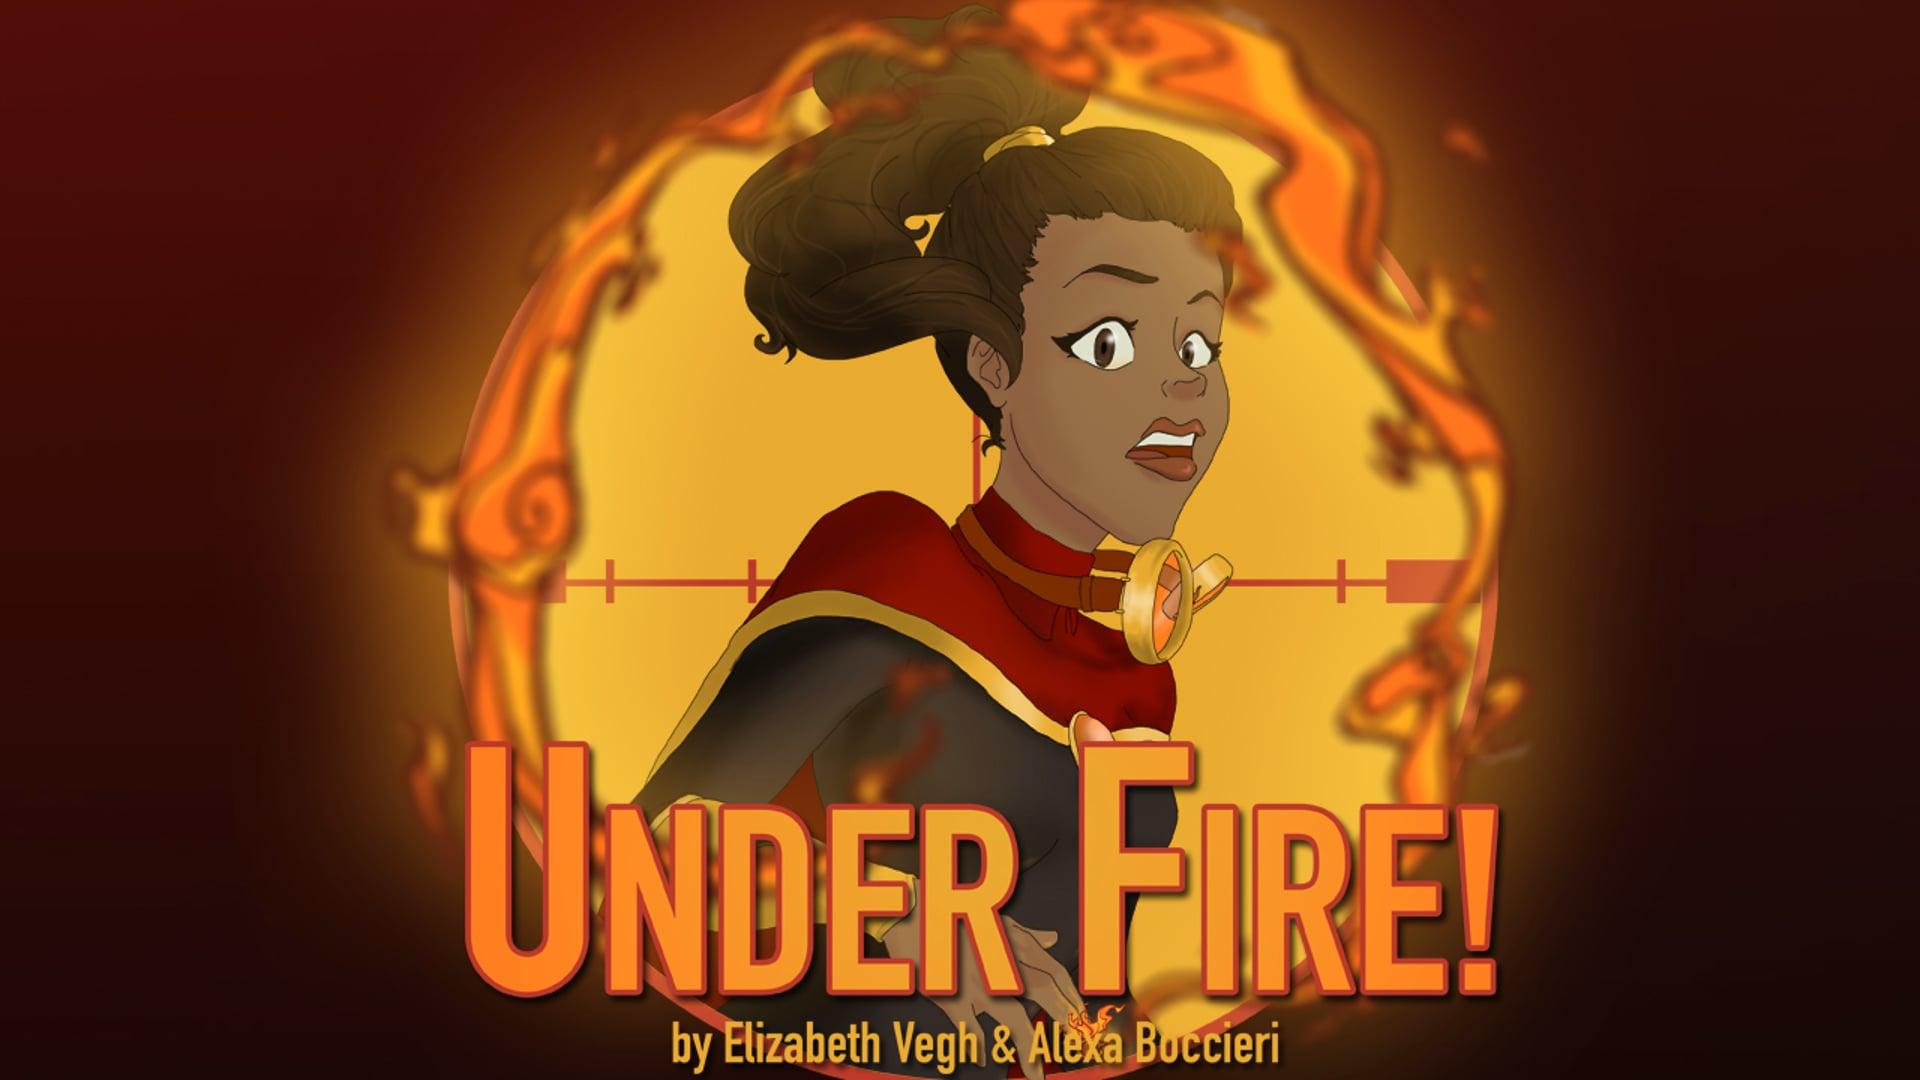 Under Fire!